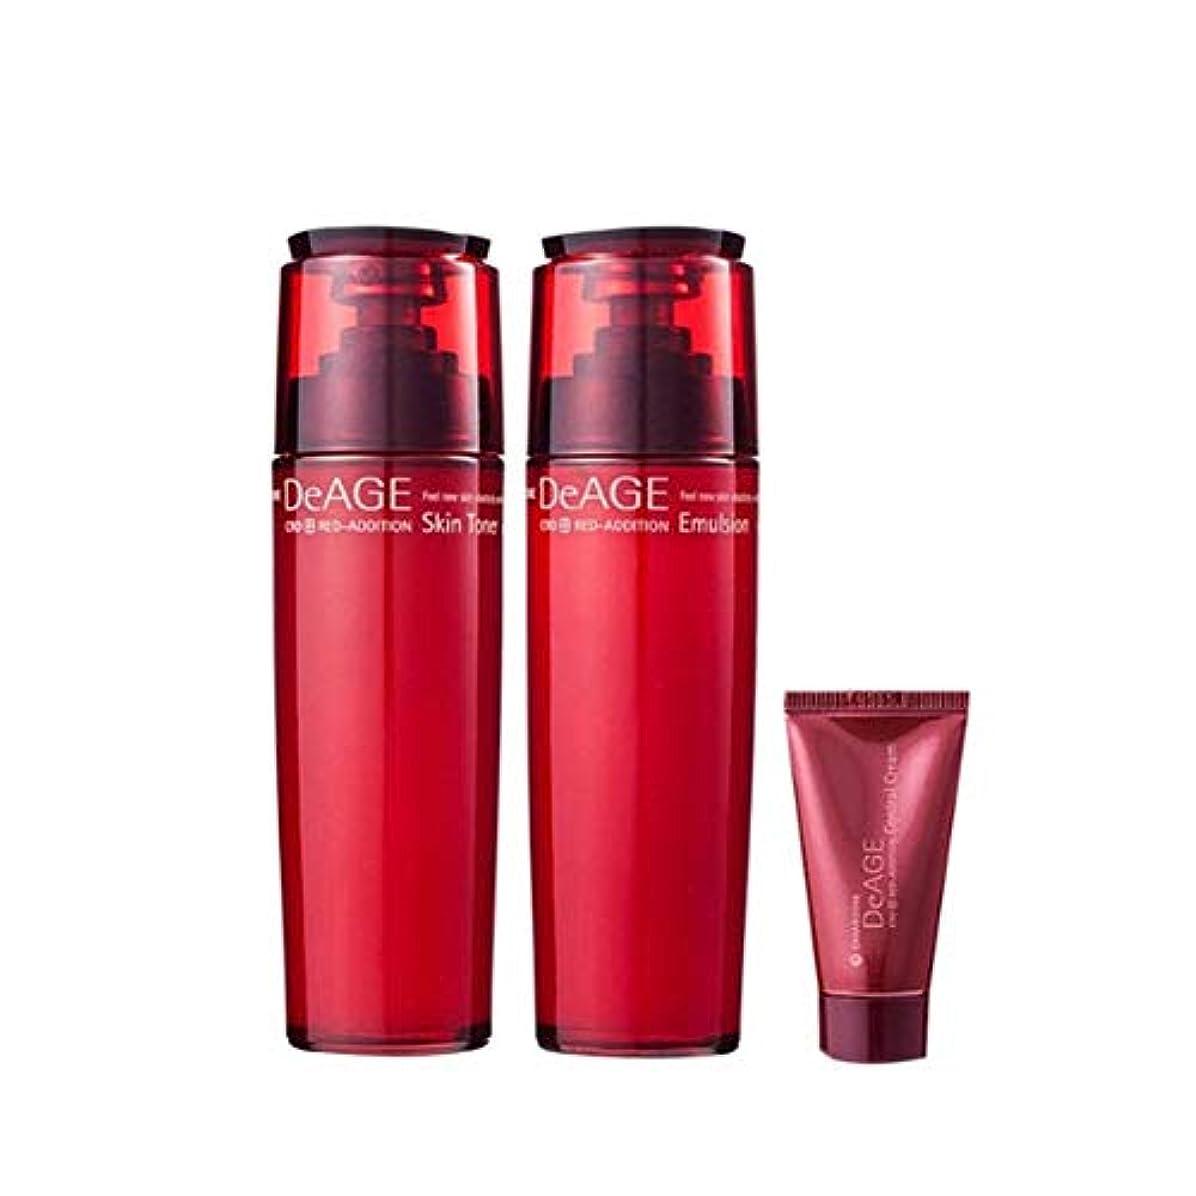 明確なぬれた生息地チャムジョンディエイジレッドエディションセット(スキントナー130ml、エマルジョン130ml、コントロールクリーム15ml)、Charmzone DeAGE Red Addition Set(Skin Toner 130ml...